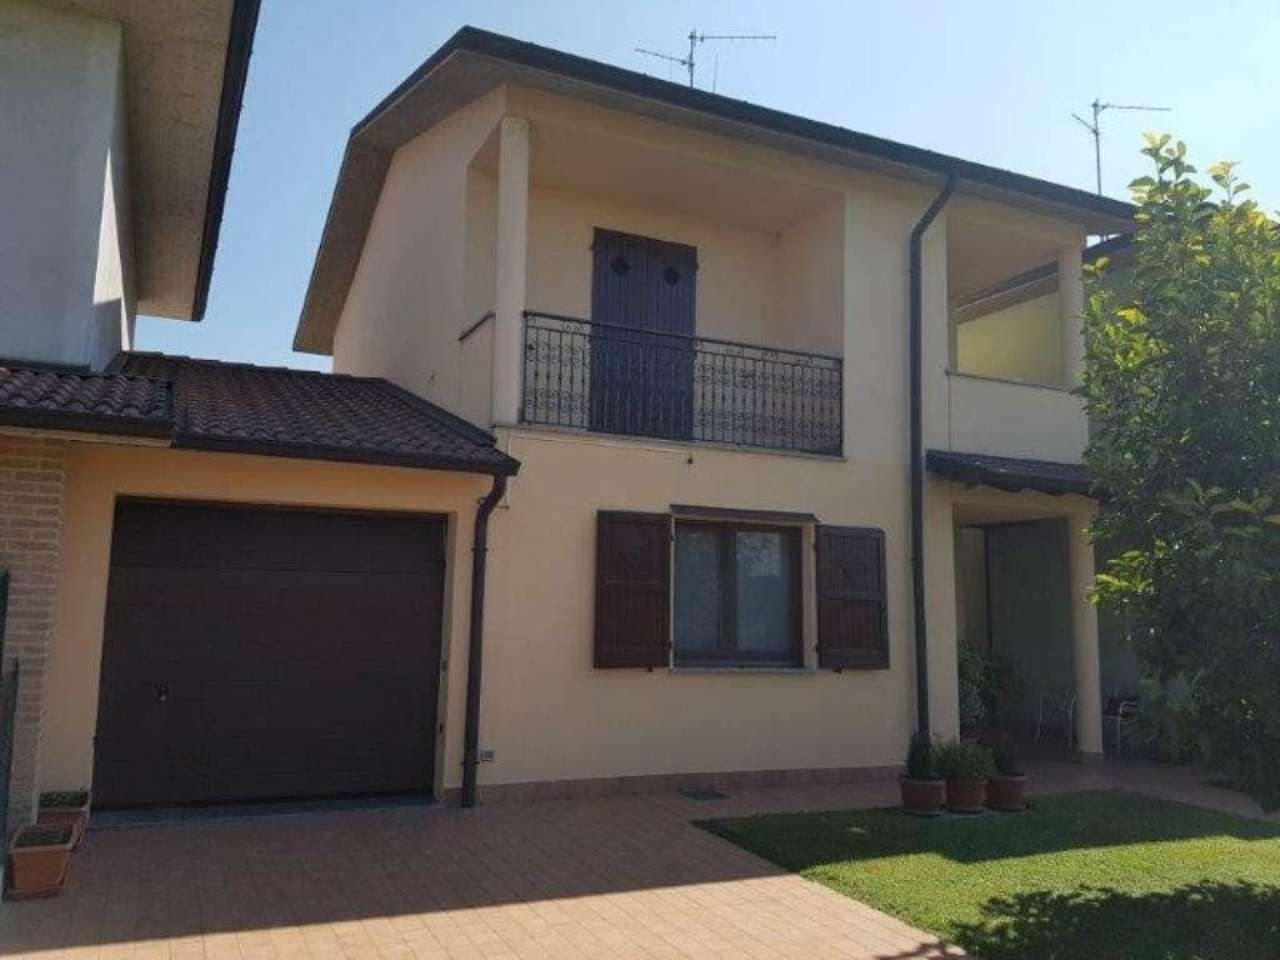 Villa in vendita a Crema, 4 locali, prezzo € 215.000 | Cambio Casa.it